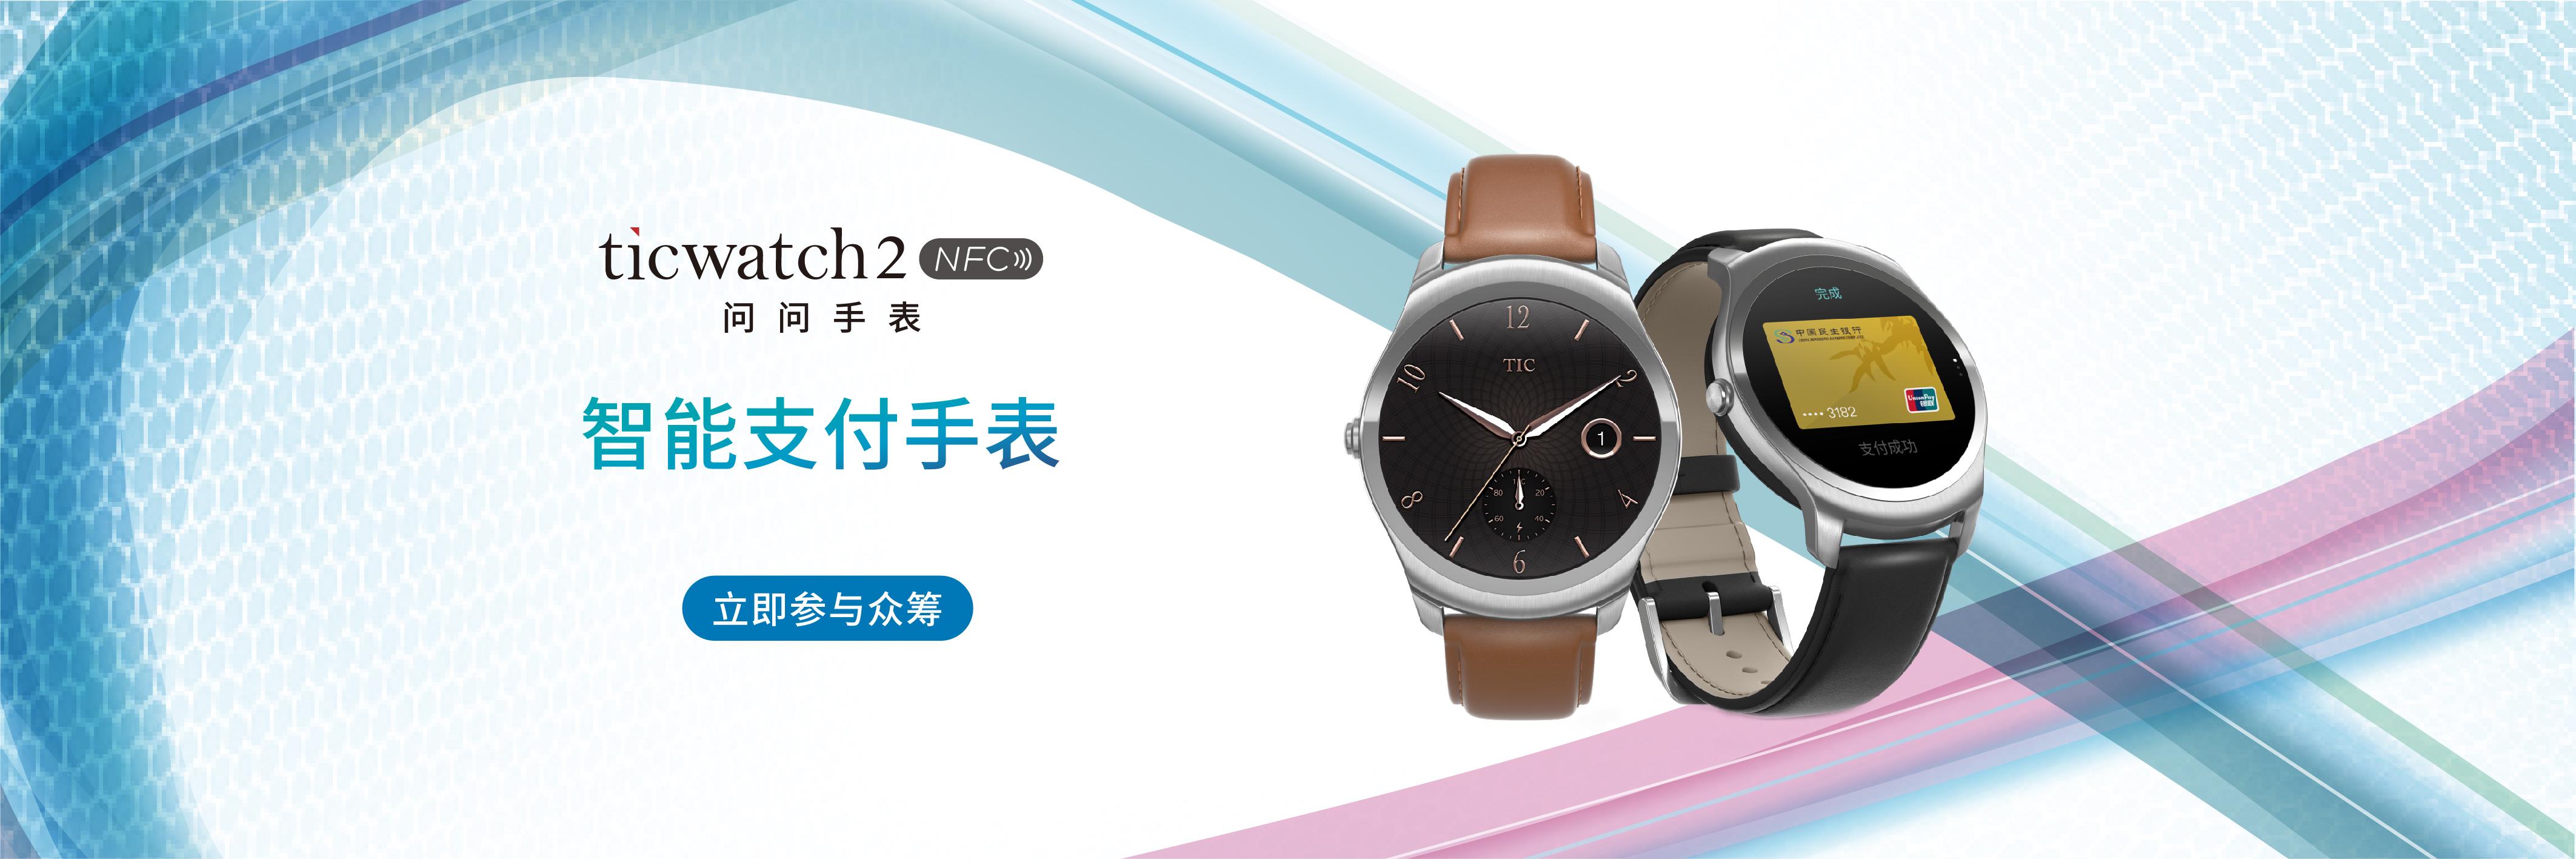 同时支持银联和公交卡支付的Ticwatch 2 NFC智能手表开启众筹~